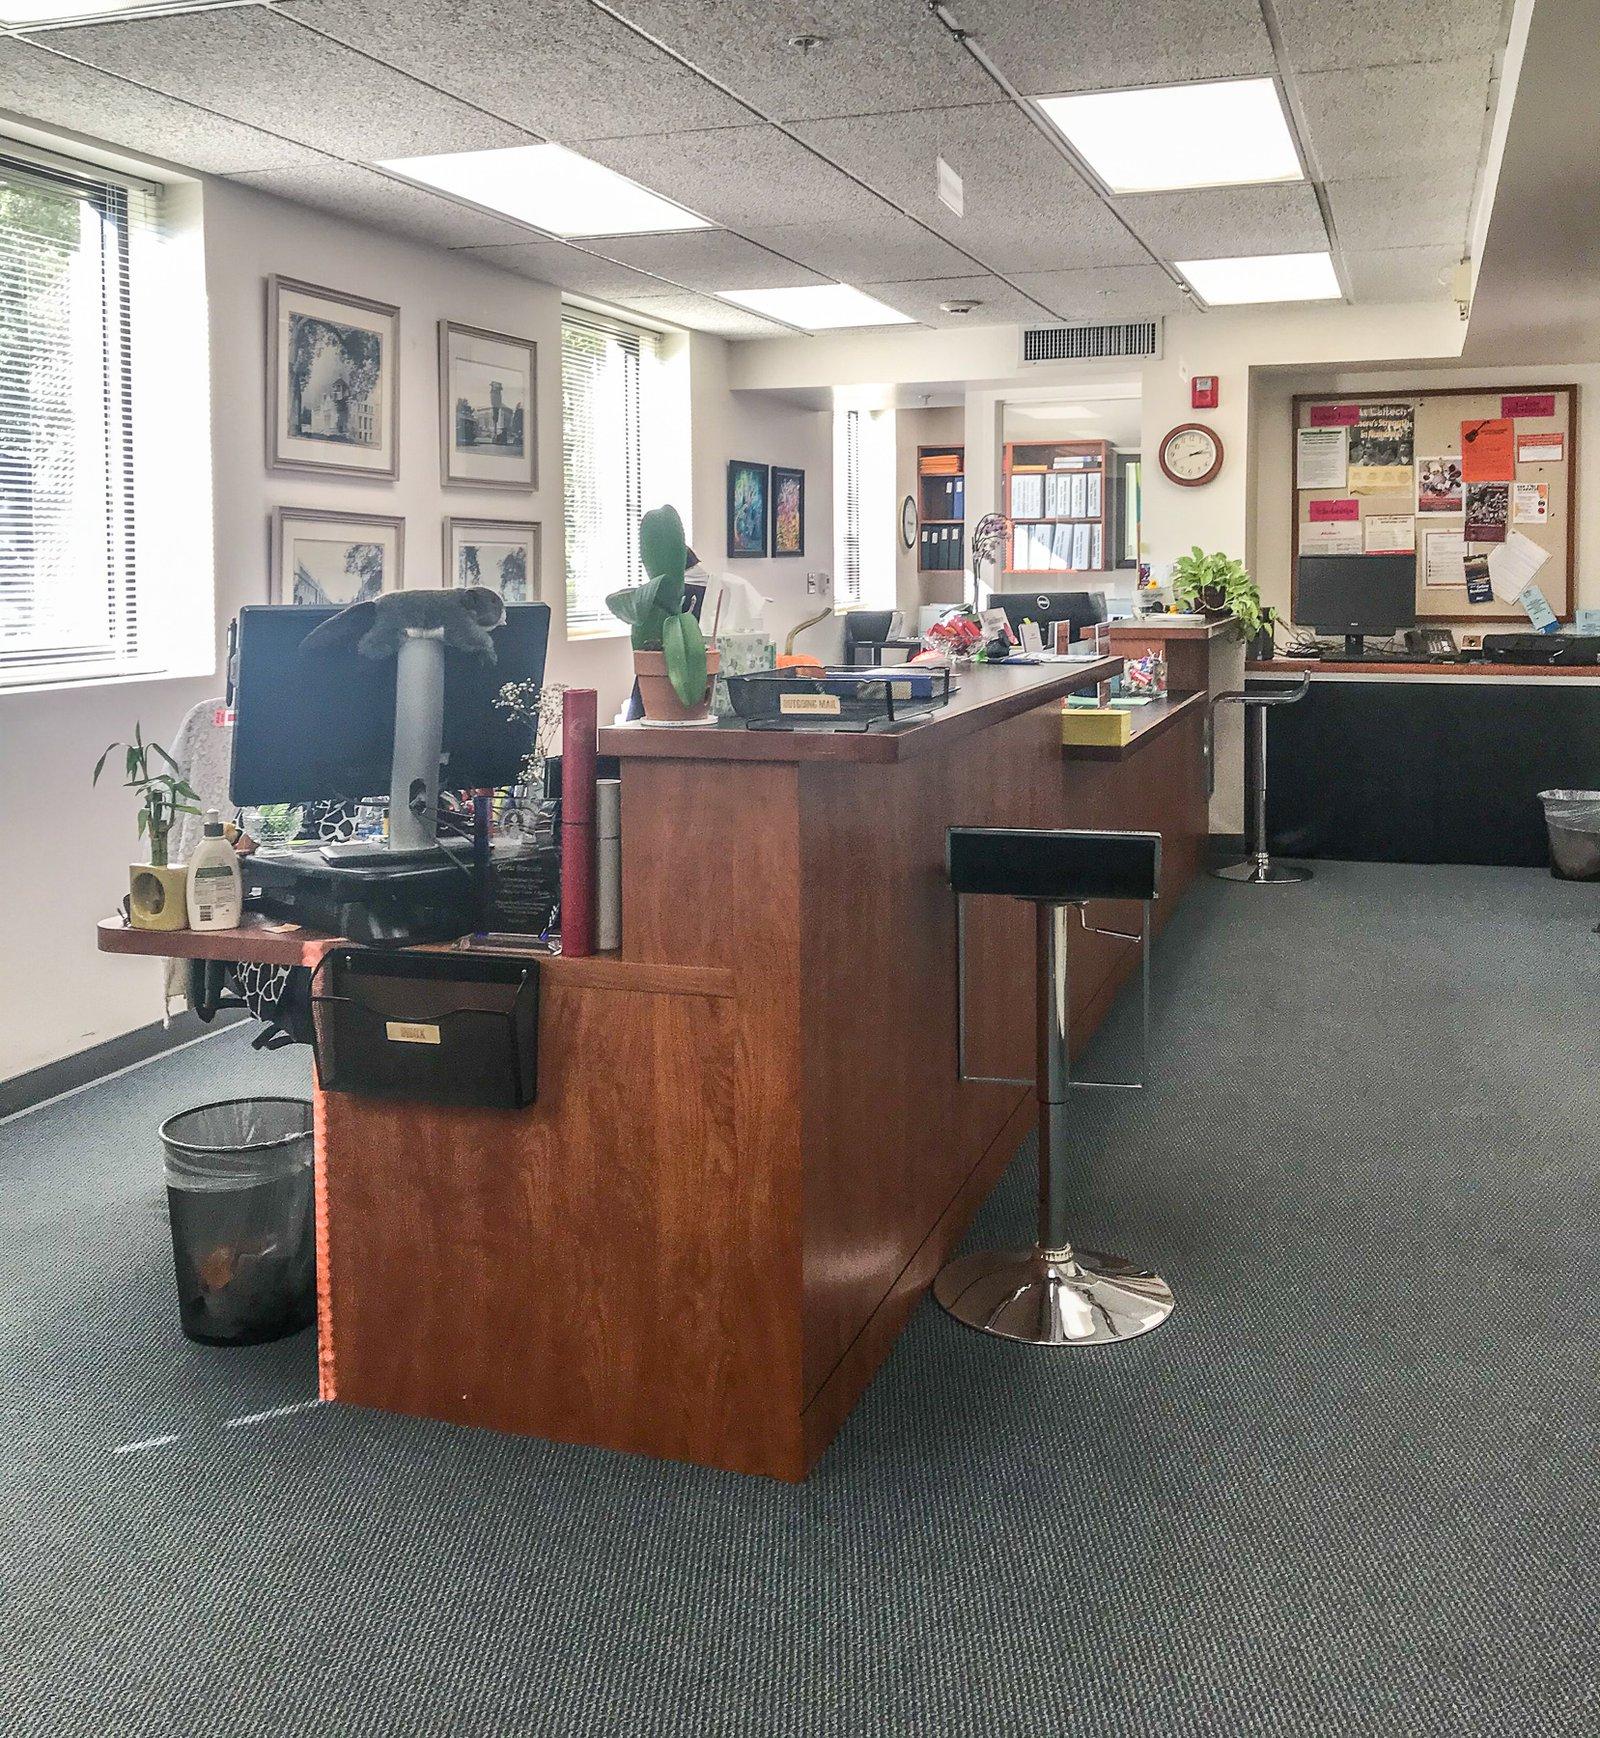 Interior of the Registrar Office